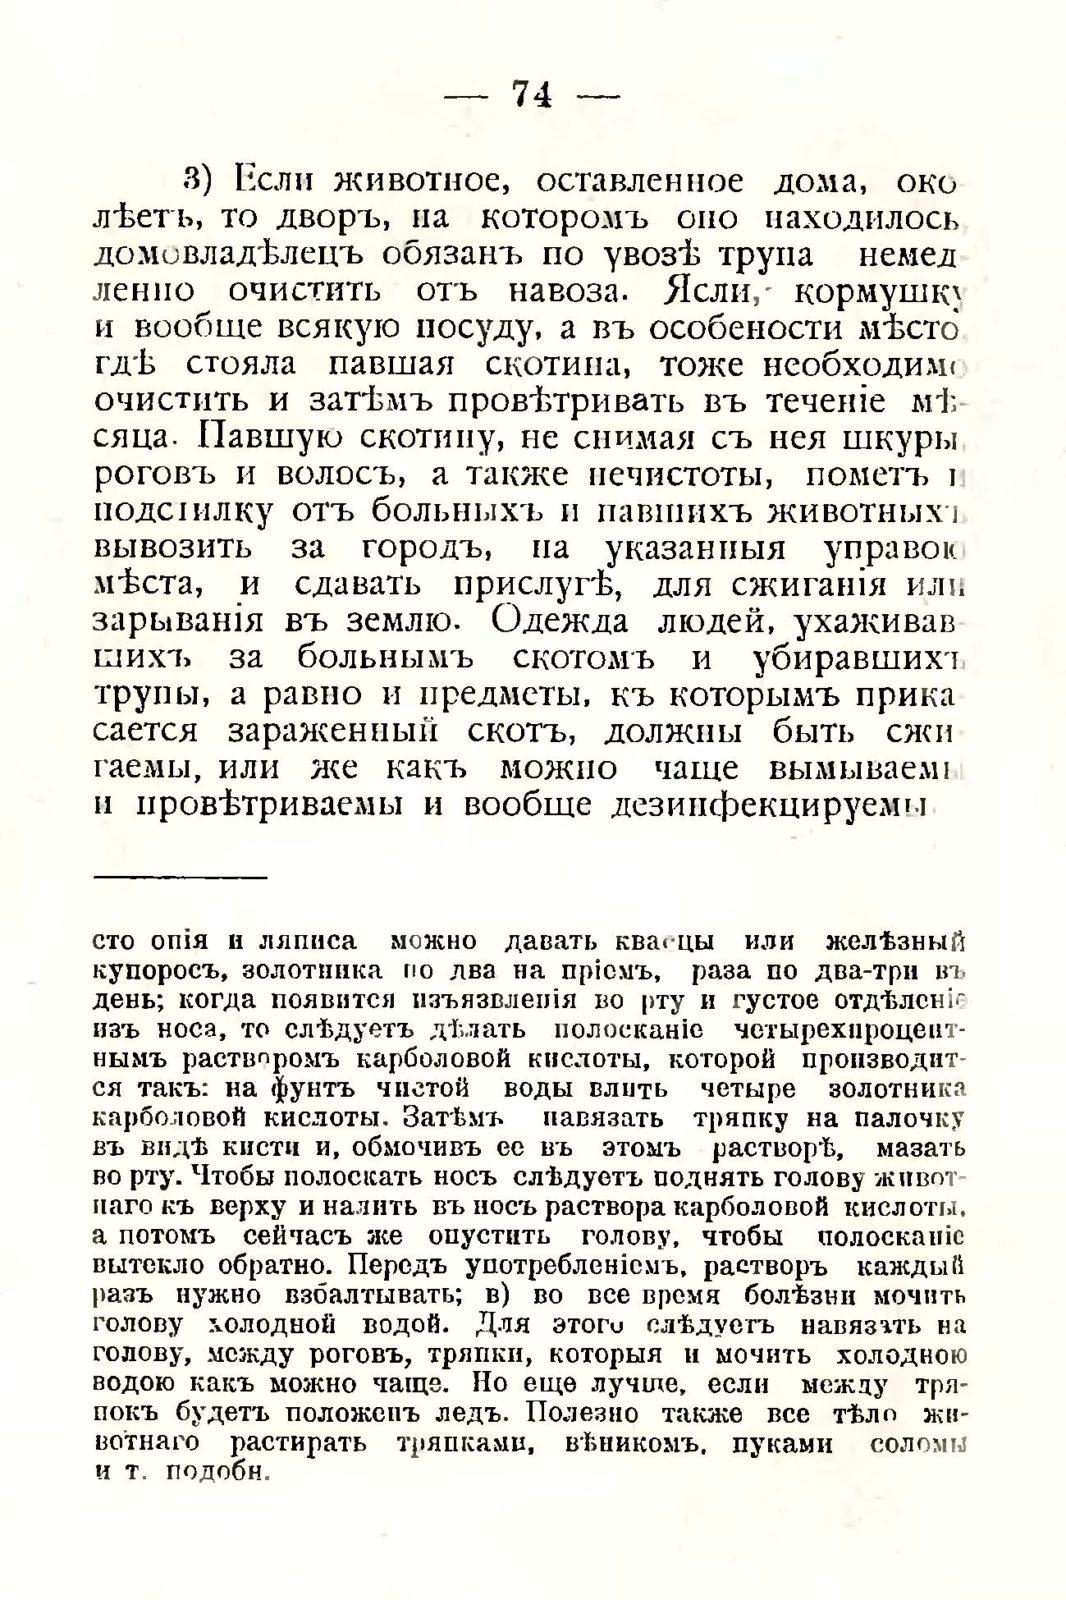 sbornik_obyazatelnyh_postanovlenii_tashkentskoi_gorodskoi_du_78